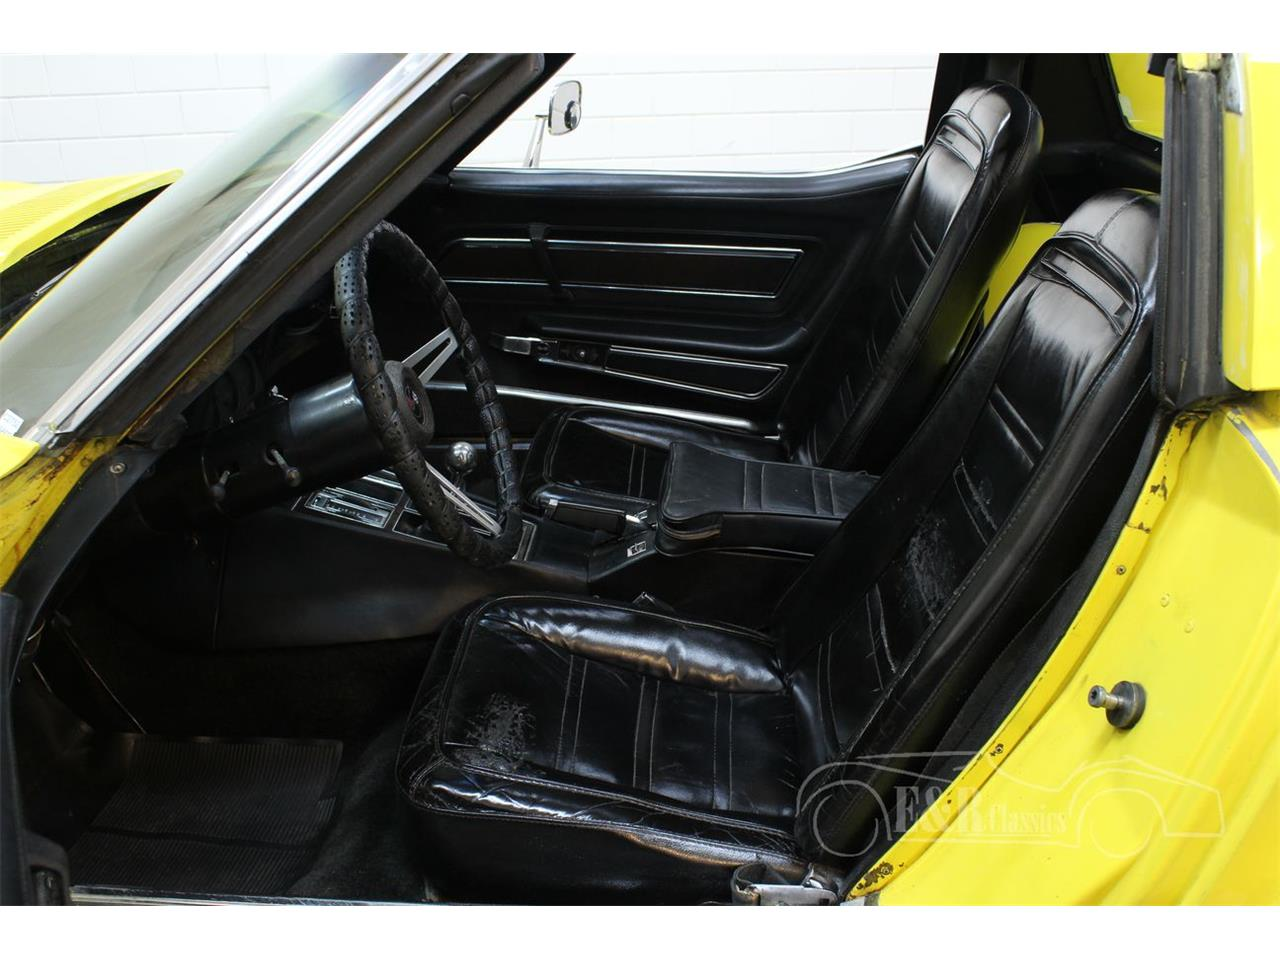 1975 Chevrolet Corvette Stingray (CC-1391218) for sale in Waalwijk, Noord Brabant